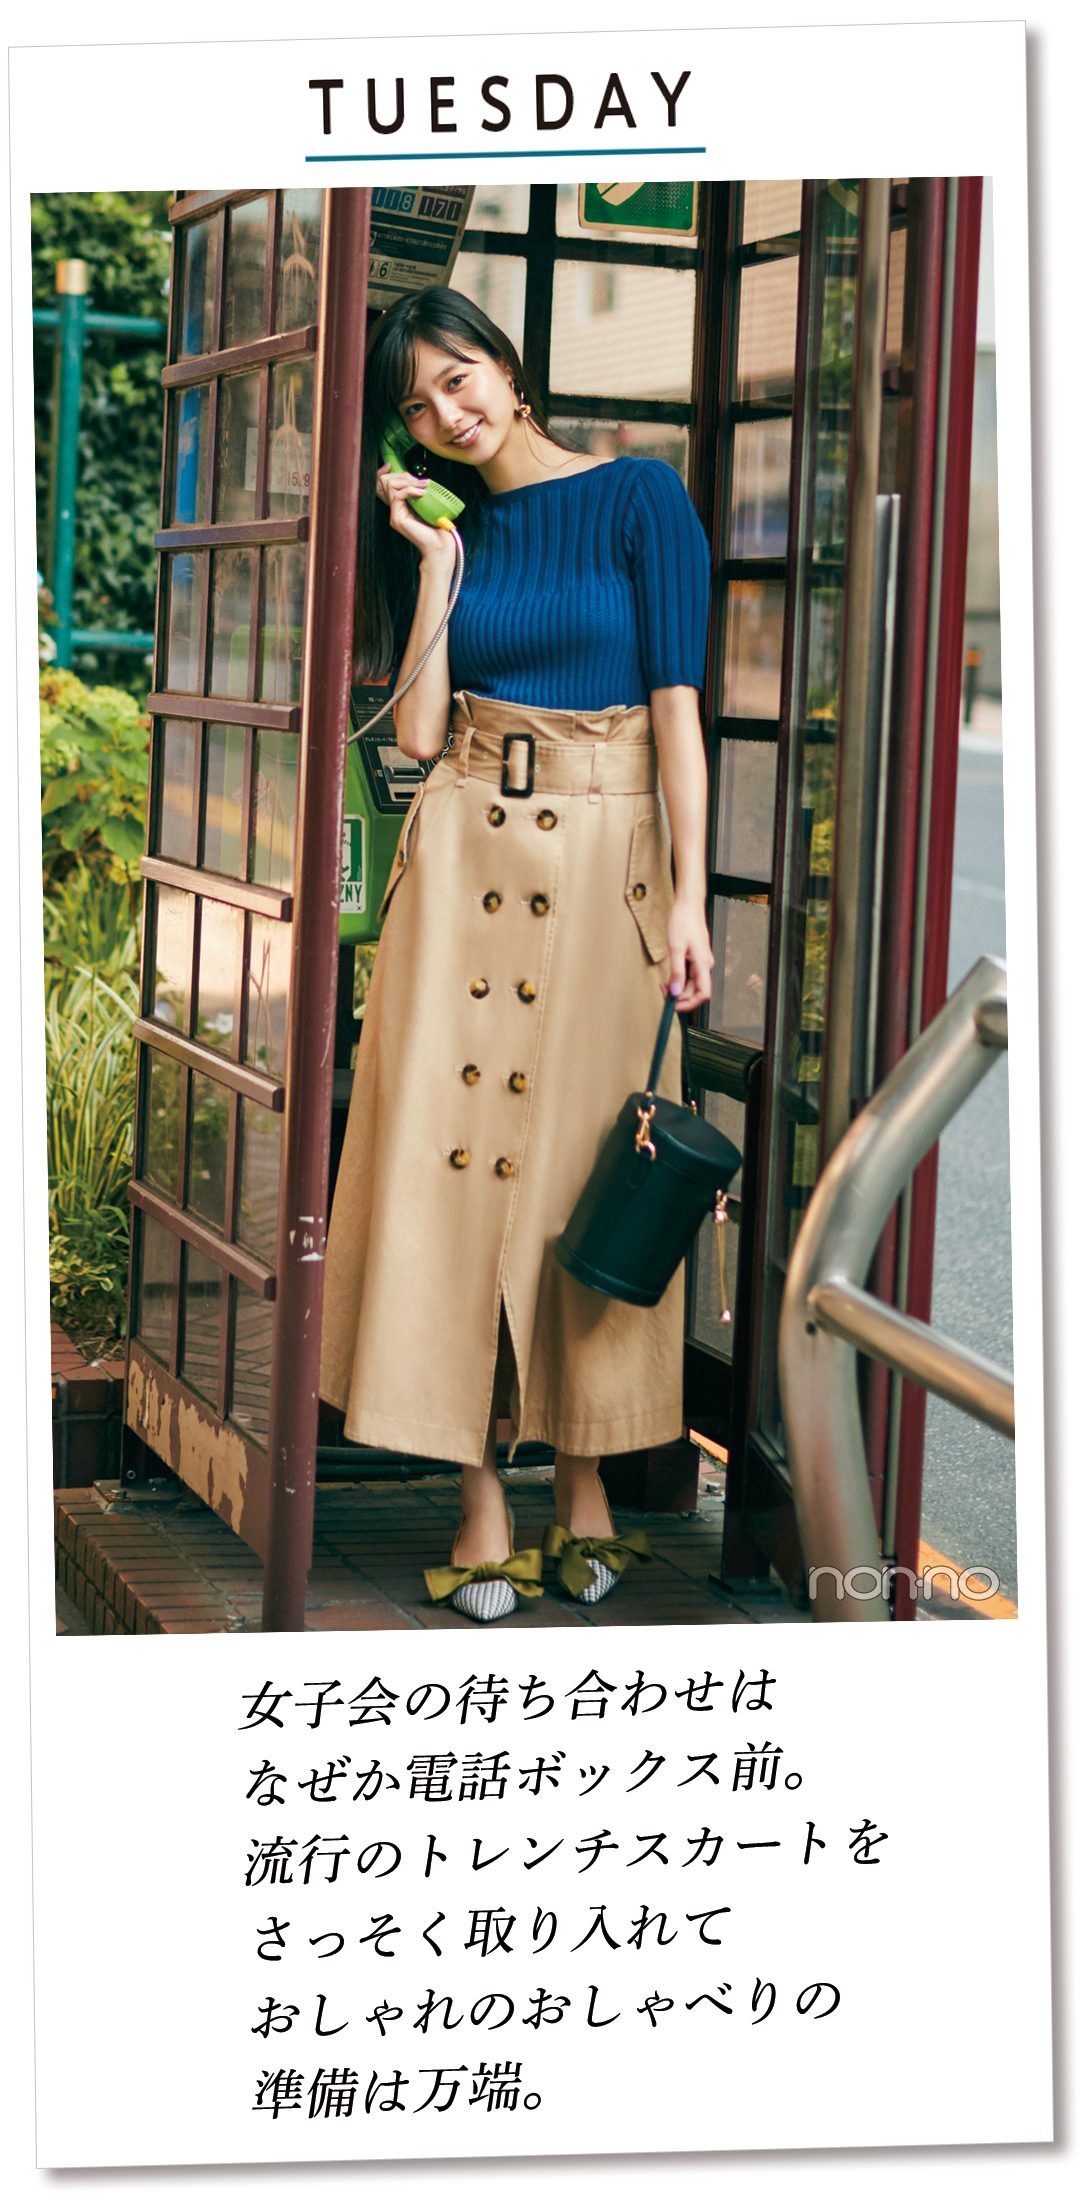 TUESDAY なぜか電話ボックス前。 流行のトレンチスカートを さっそく取り入れて おしゃれのおしゃべりの 準備は万端。